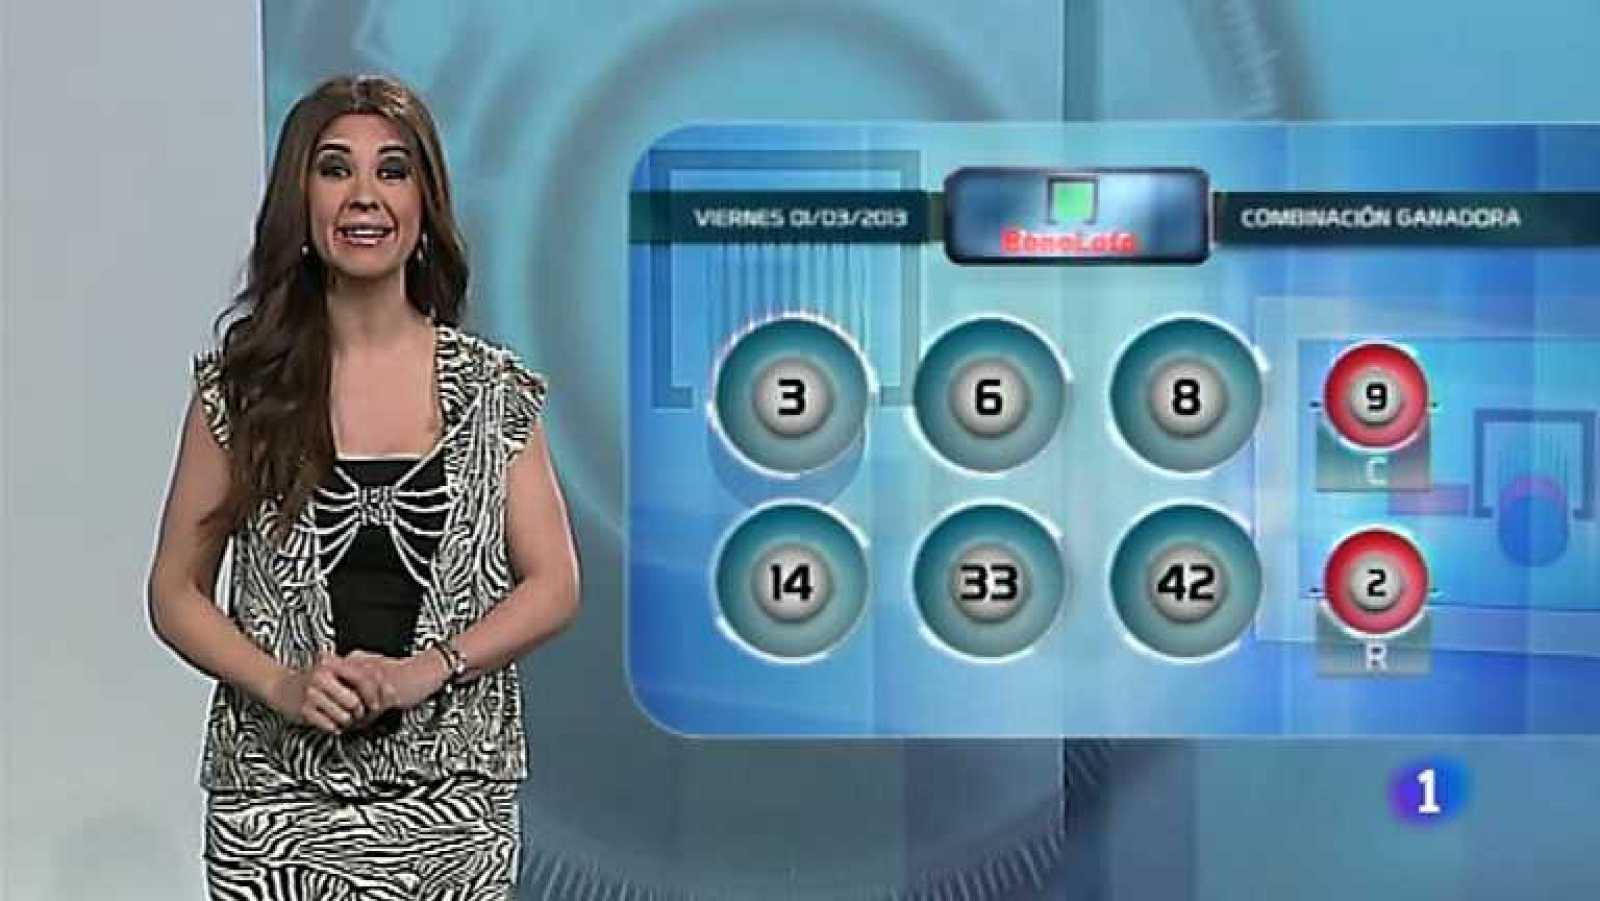 Bonoloto + Euromillones - 01/03/13 - Ver ahora